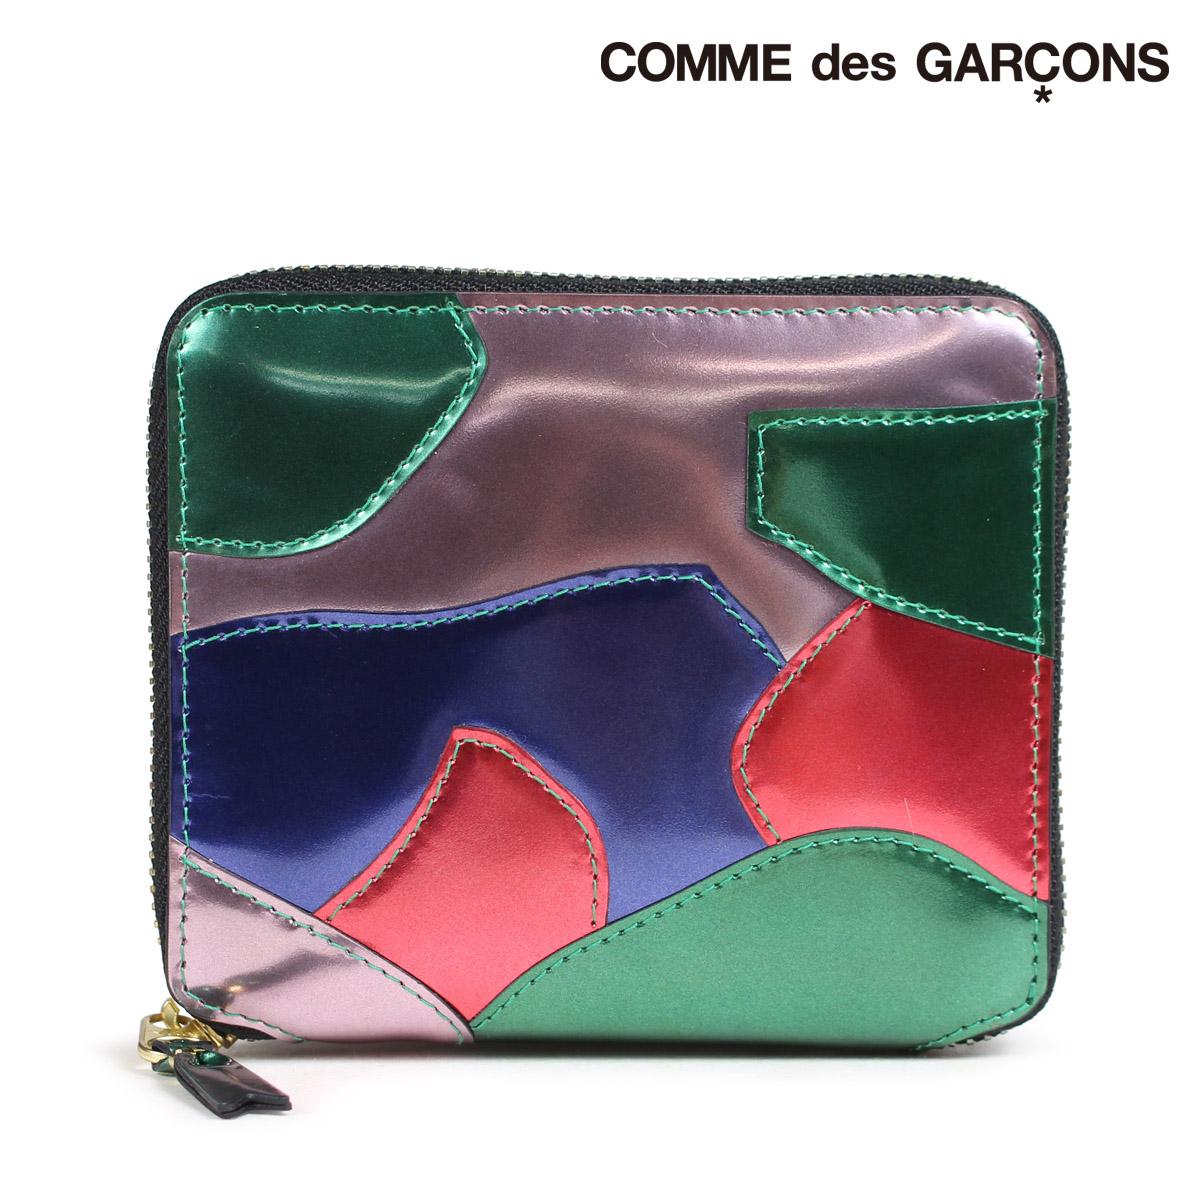 【最大2000円OFFクーポン】 コムデギャルソン 財布 二つ折り メンズ レディース ラウンドファスナー COMME des GARCONS SA2100PM マルチカラー